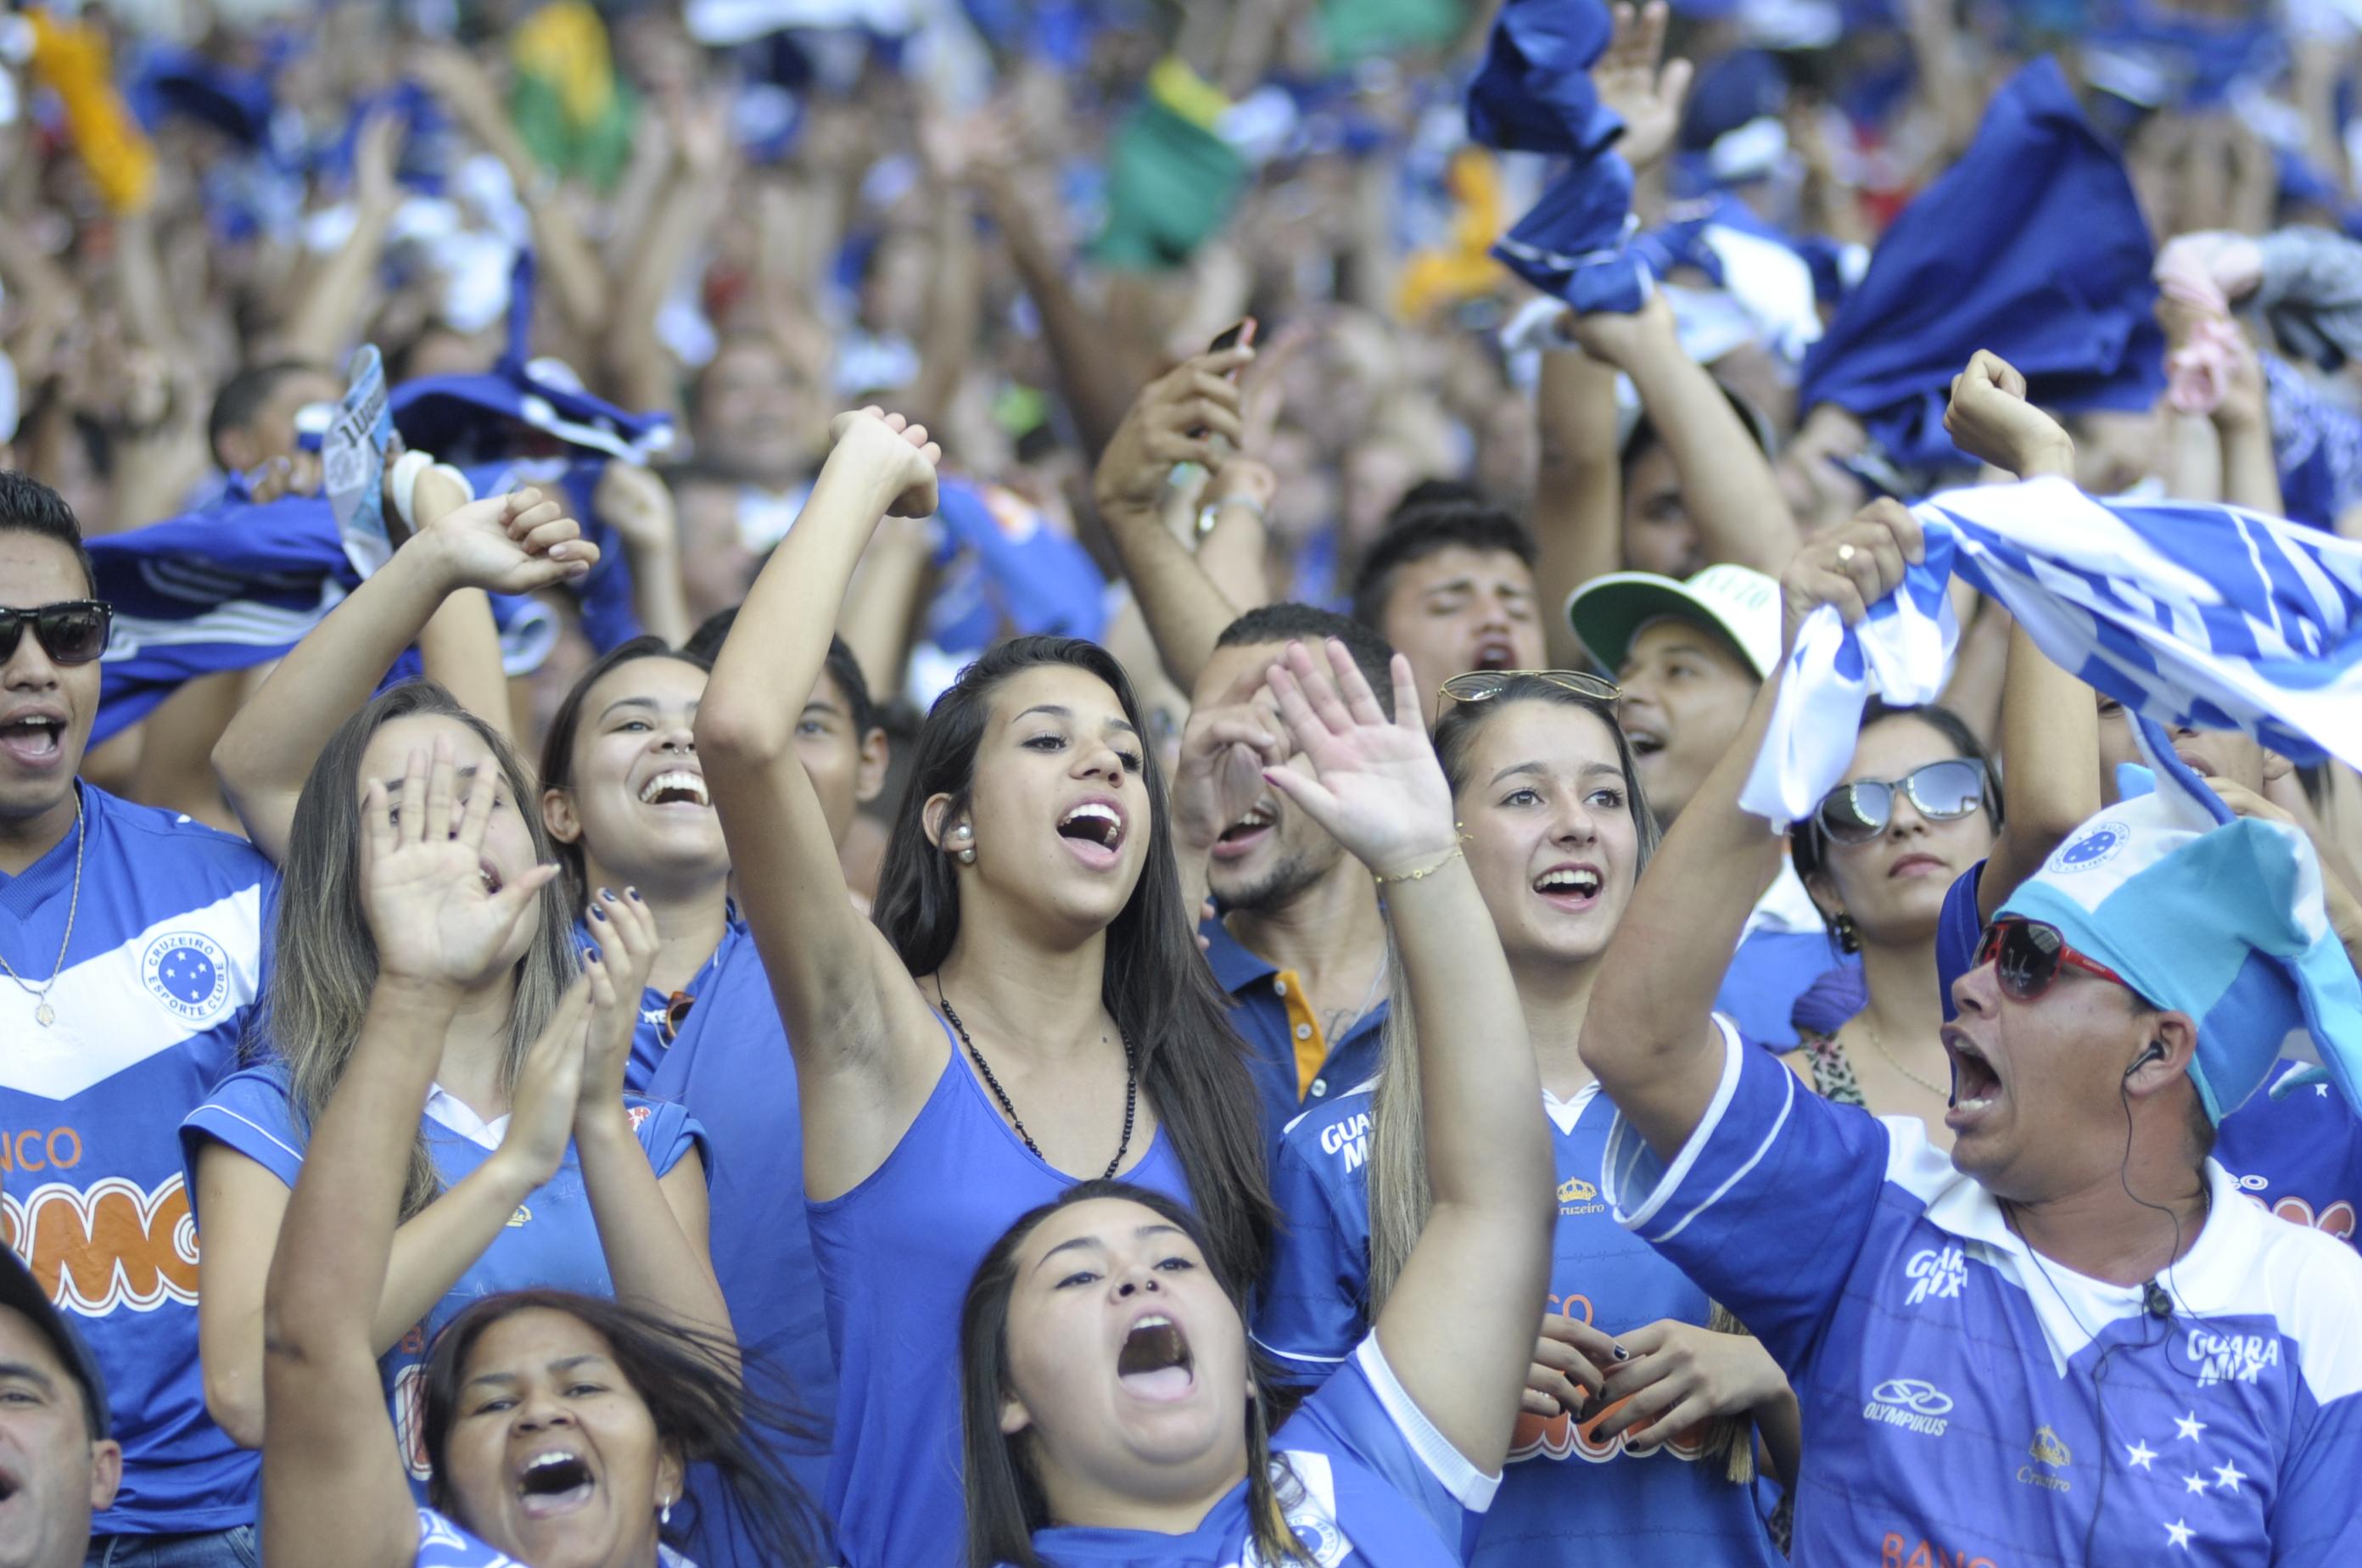 Cruzeiro define preços dos ingressos para a decisão da Copa do Brasil  ccabc925b8c2c